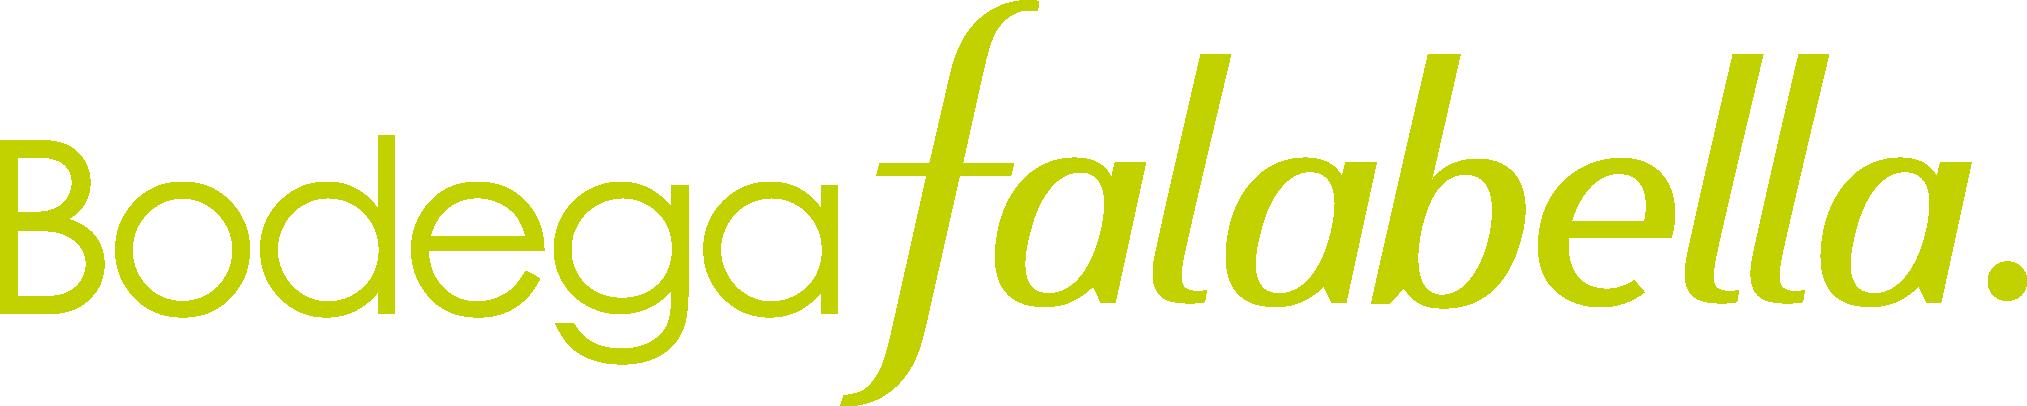 Bodega Falabella